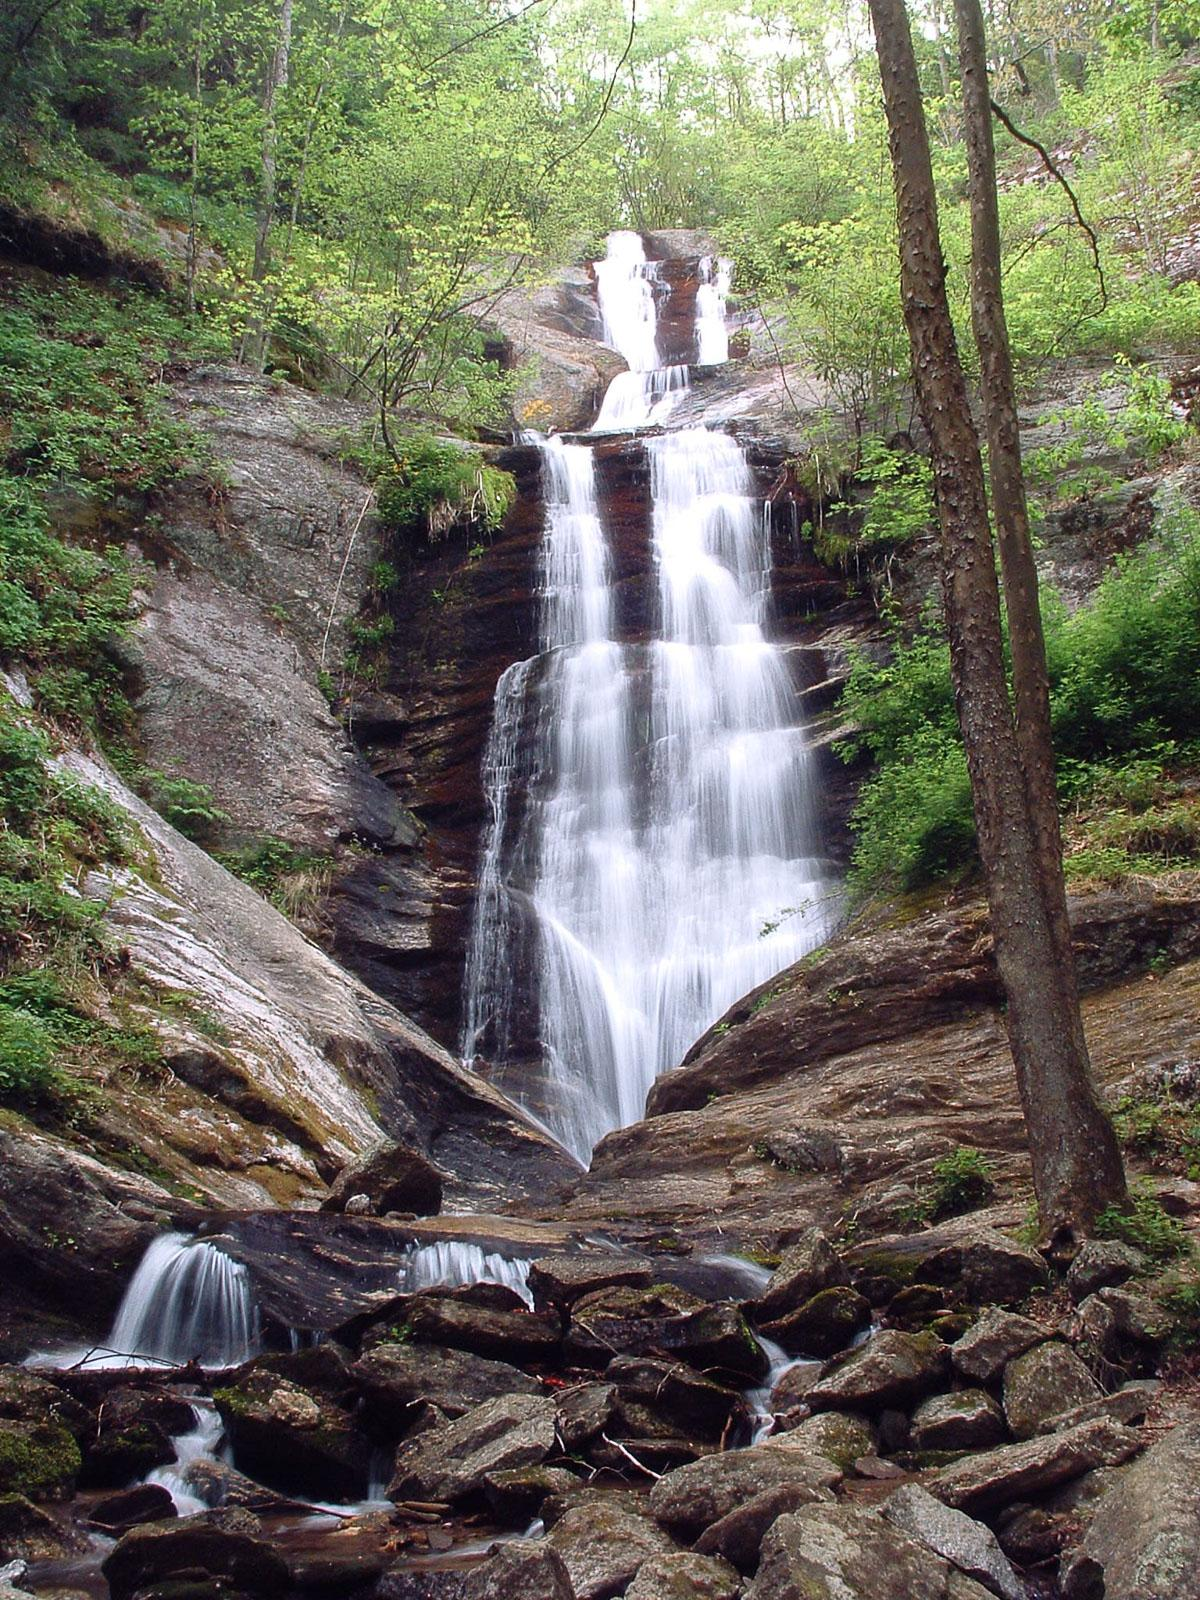 Toms Creek Falls Wnc Waterfalls